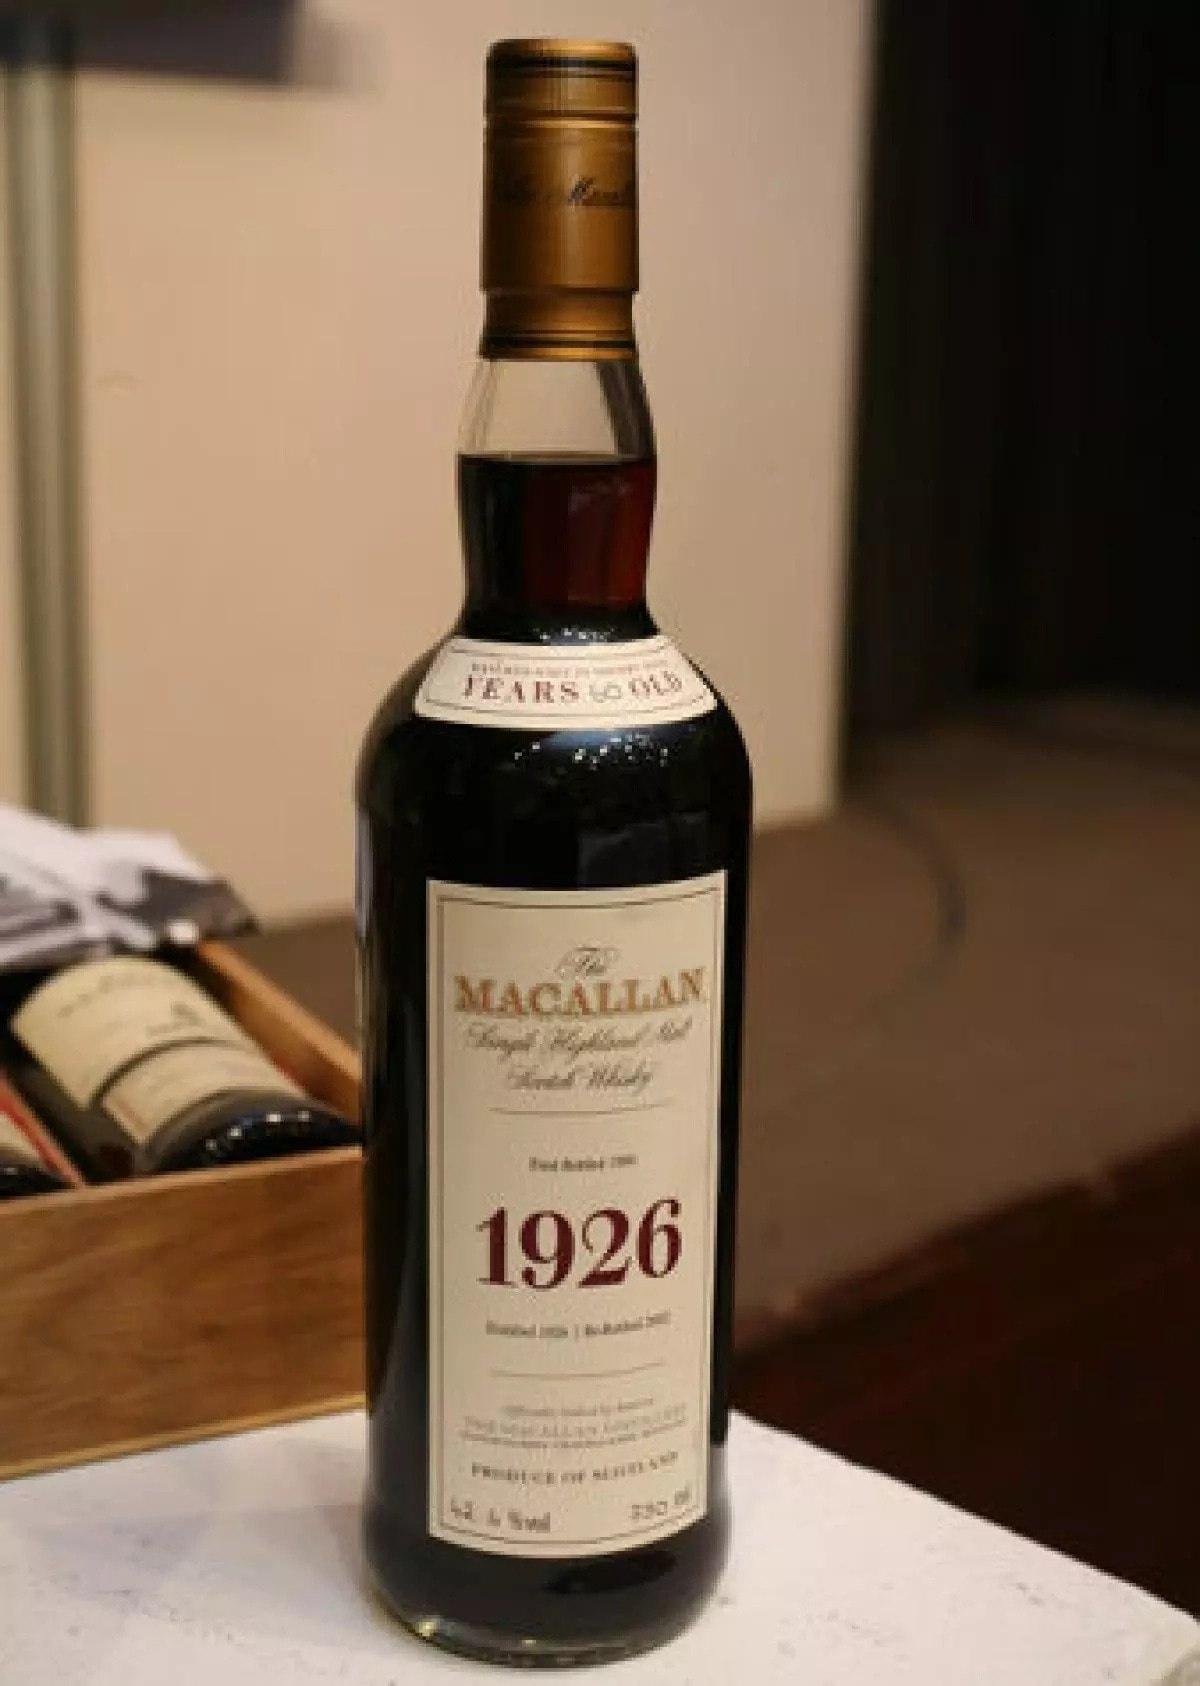 Куплю коллекционный виски, дорогой коньяк, элитное вино